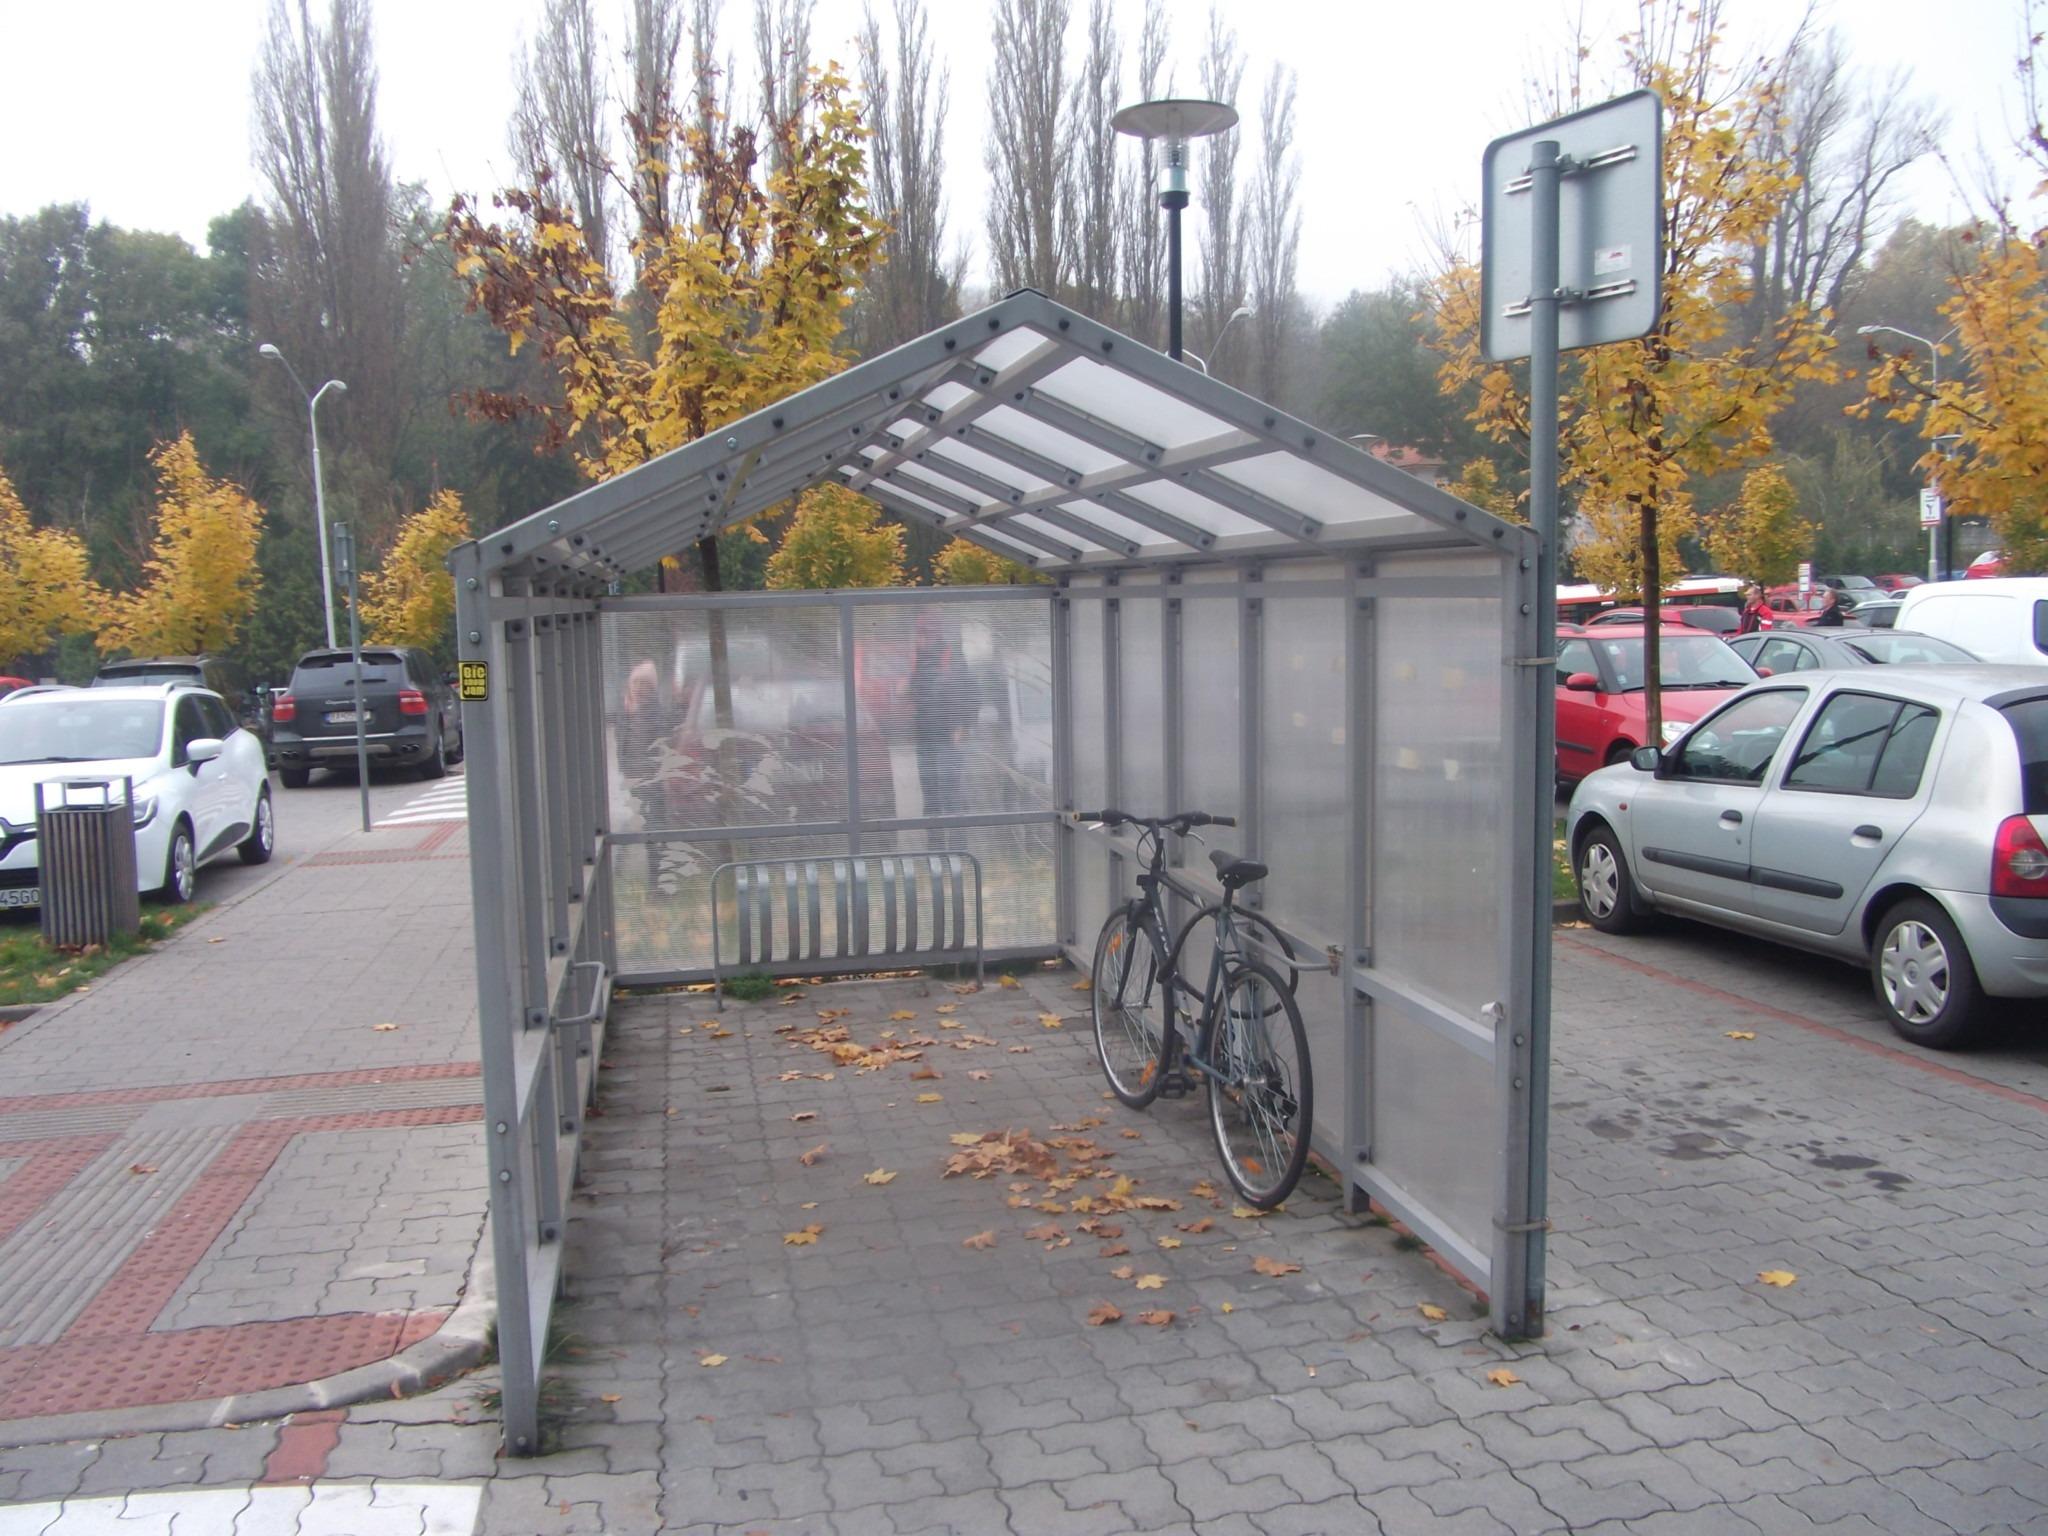 612d77cfa Cubicon – kryté parkovanie bicyklov. Samotné stojany však neumožňujú  bezpečné zamknutie bicykla, na to lepšie slúžia madlá po stranách  prístrešku.